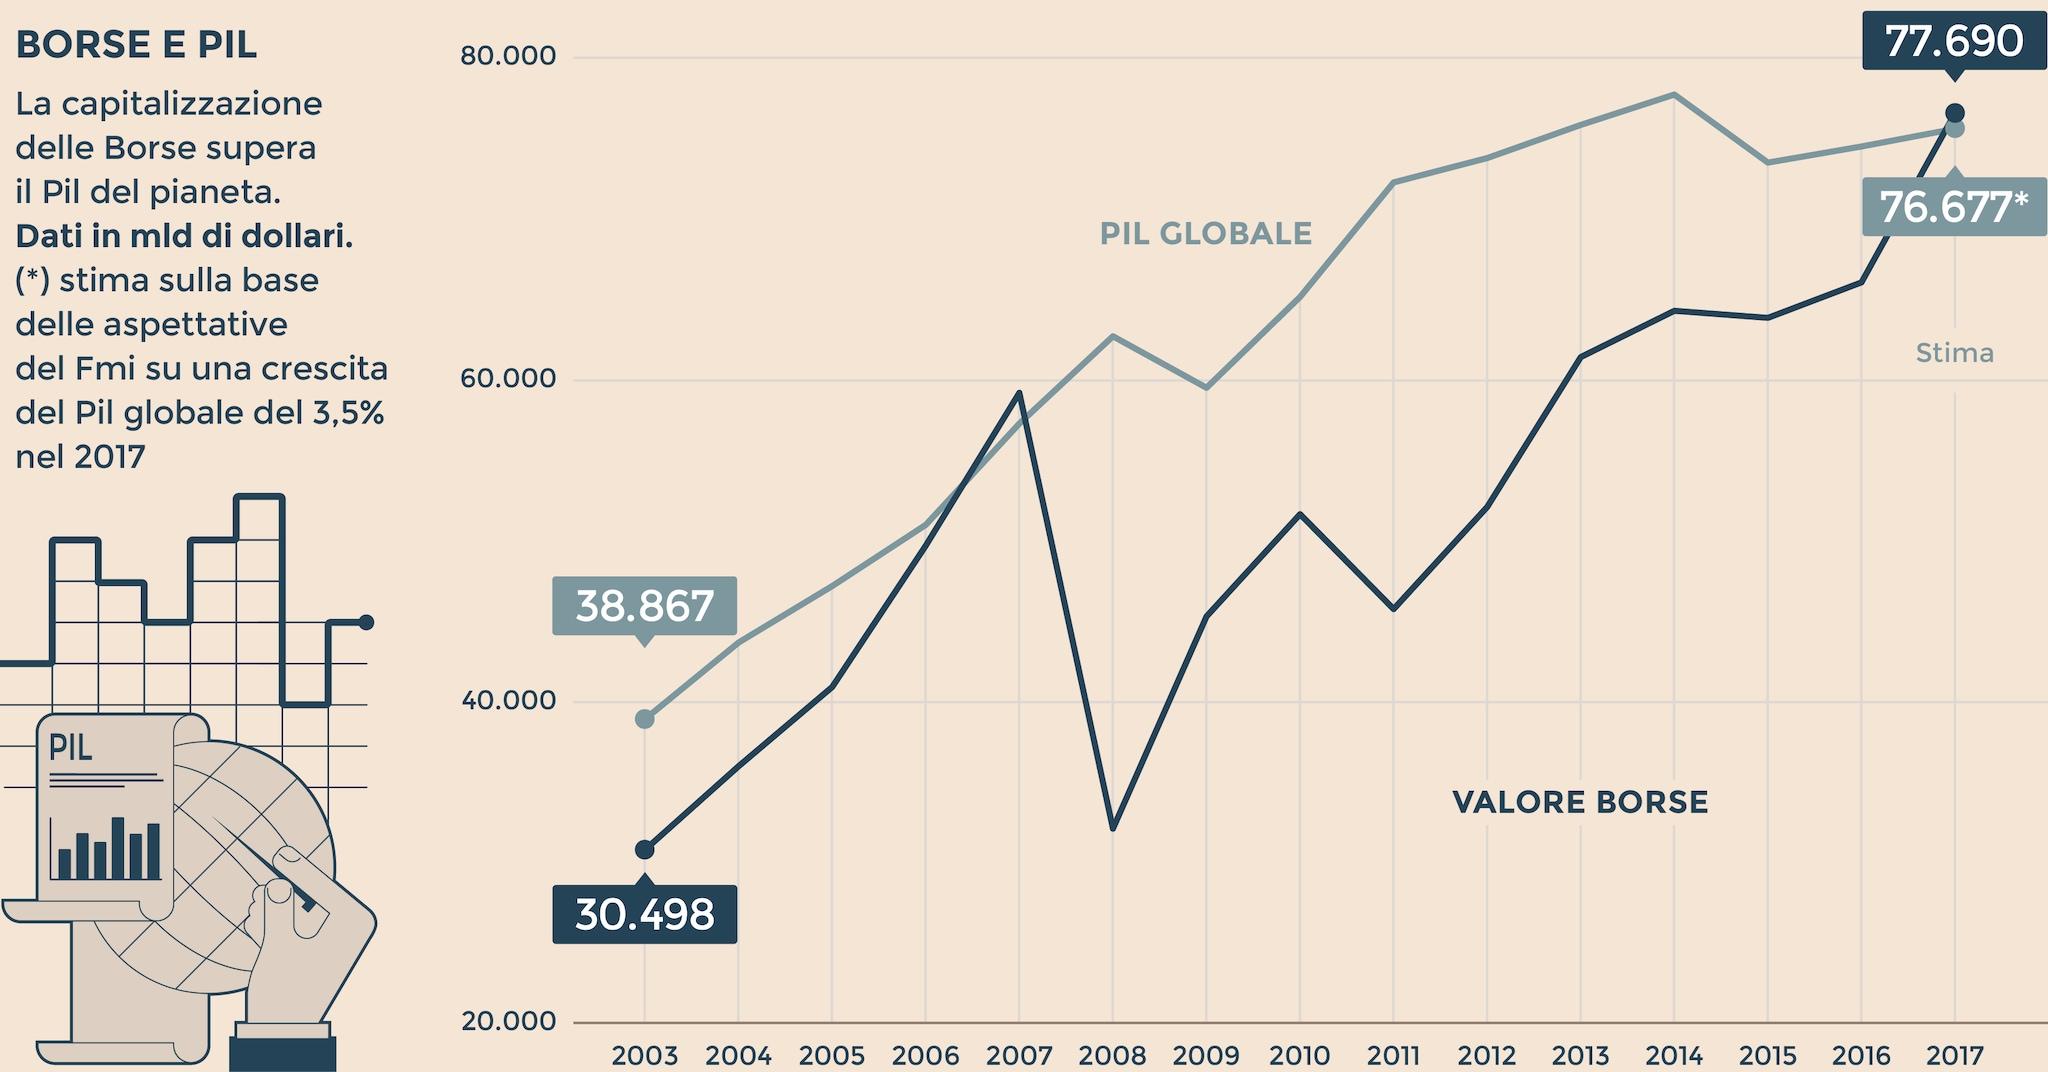 b8eedf482 Le Borse ora valgono più del Pil del pianeta. Quali sono i rischi ...